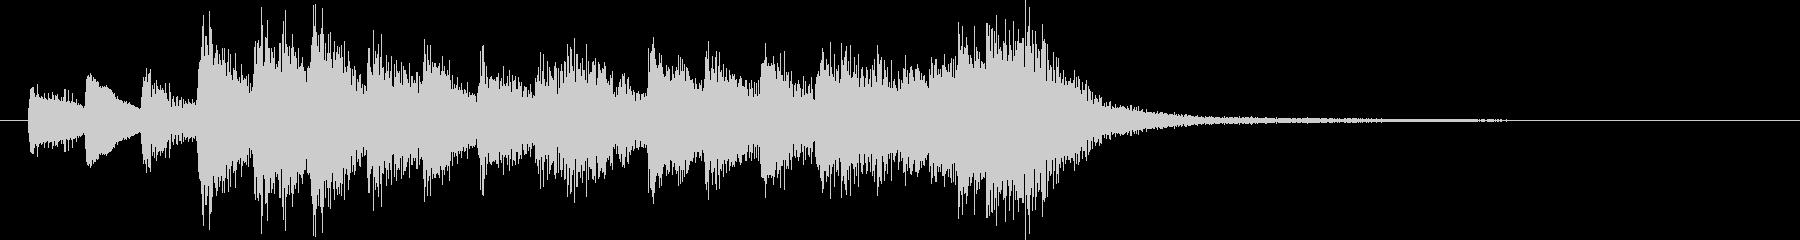 ピアノロゴ 繊細 レトロ機械 不思議の未再生の波形